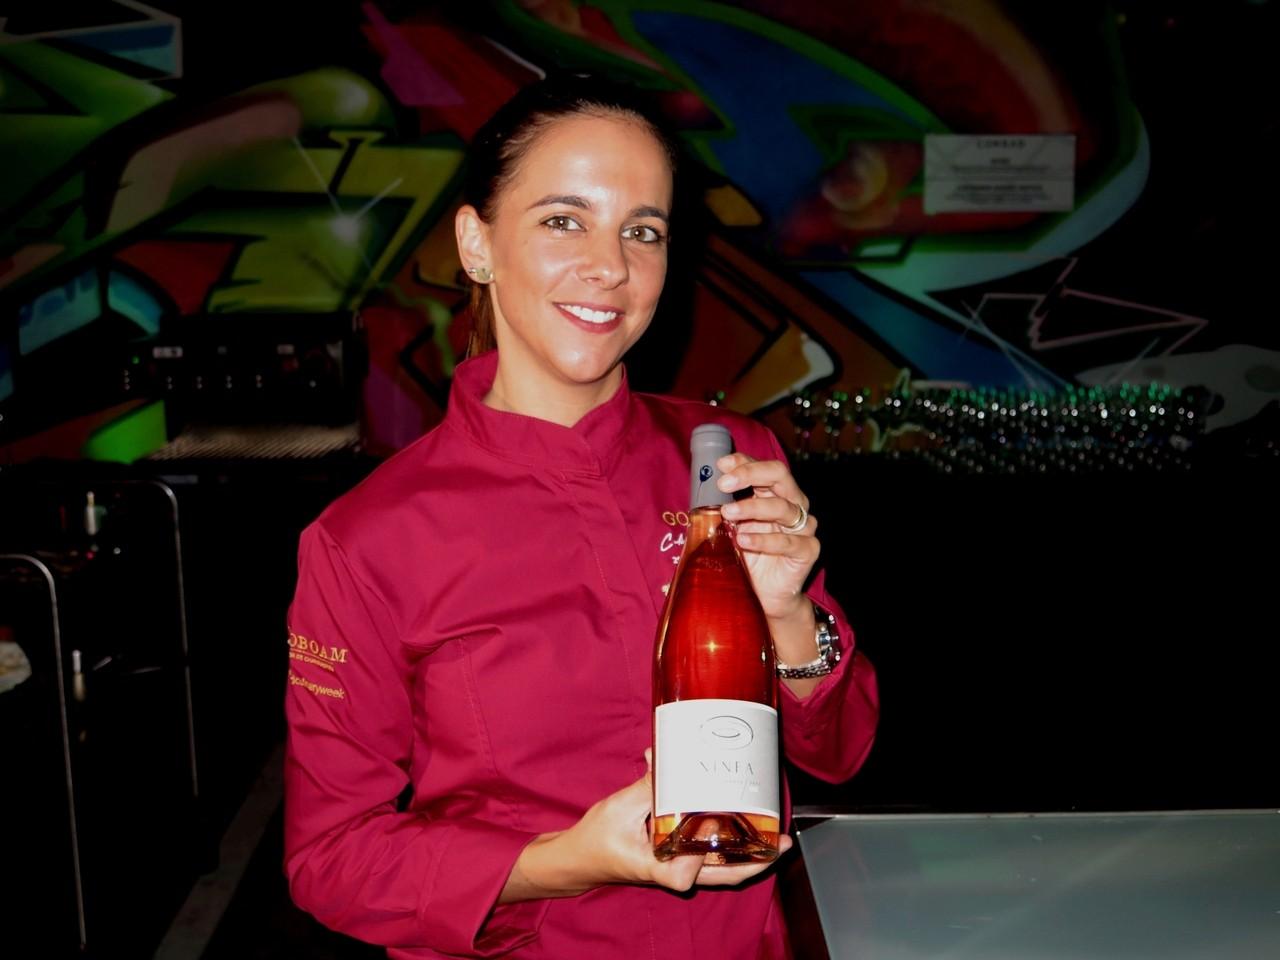 Teresa Barbosa e o Ninfa rosé 2015